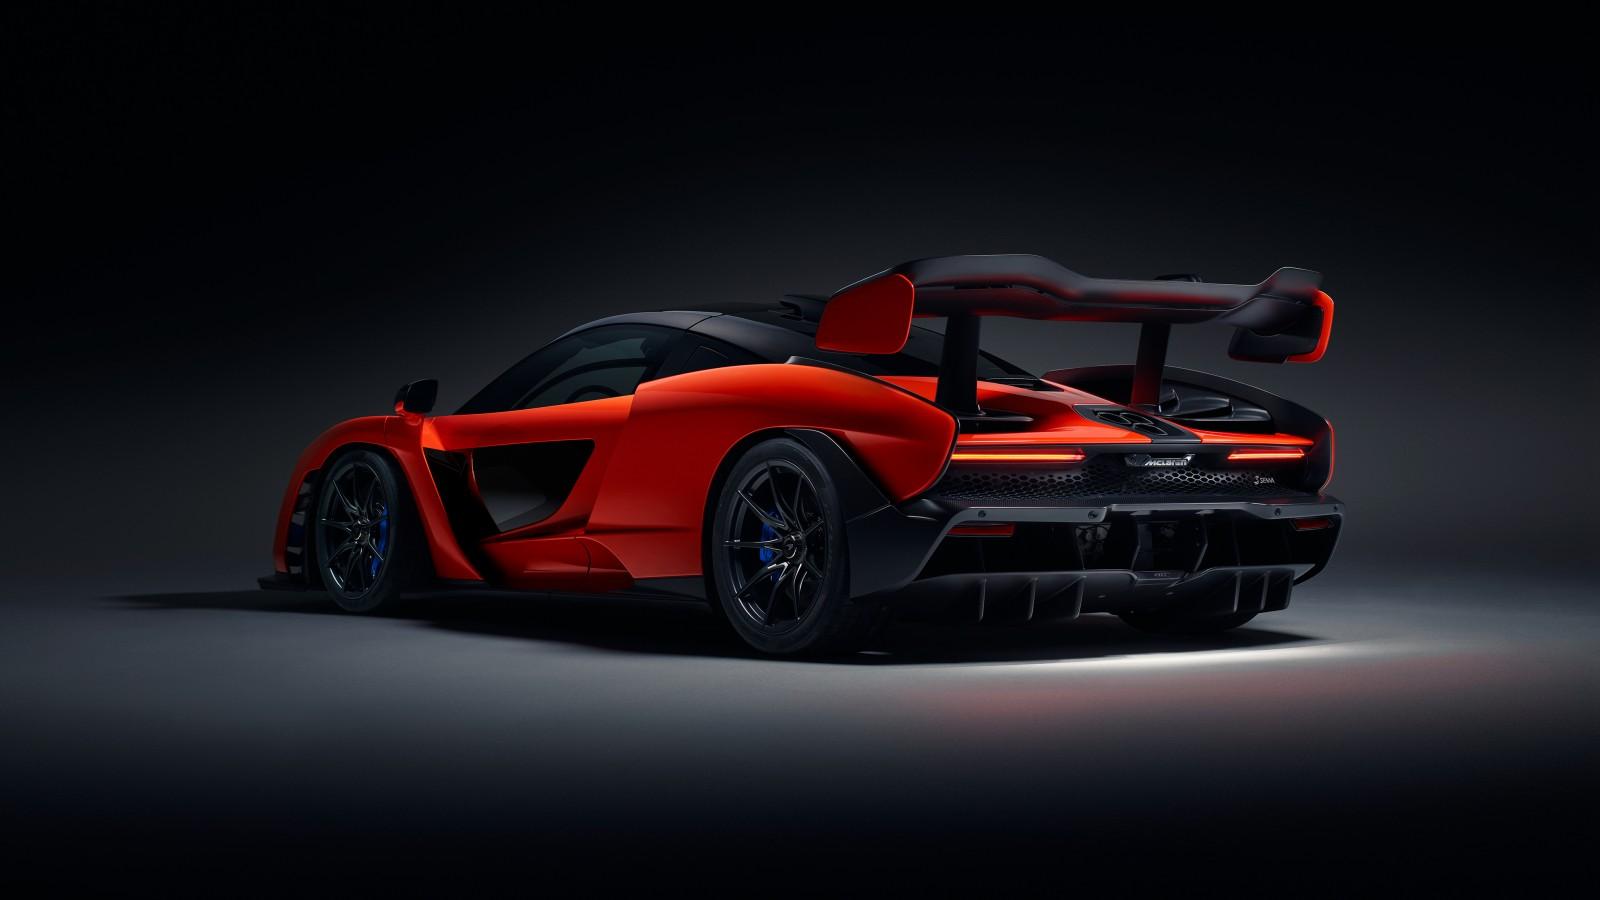 Lamborghini Car Wallpaper Hd Download 2018 Mclaren Senna 4k 8 Wallpaper Hd Car Wallpapers Id